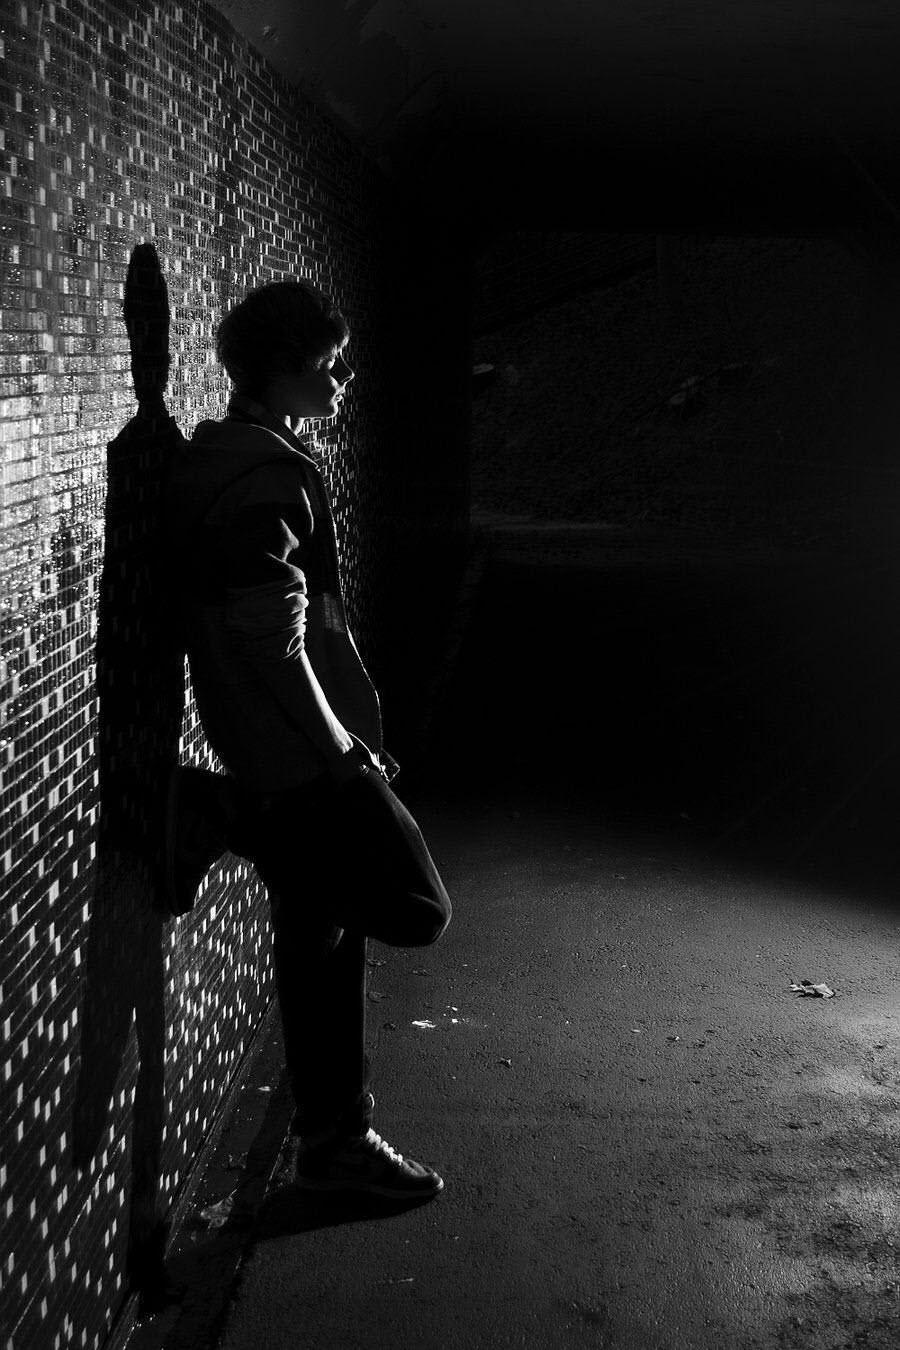 Hình ảnh đêm buồn và cô đơn